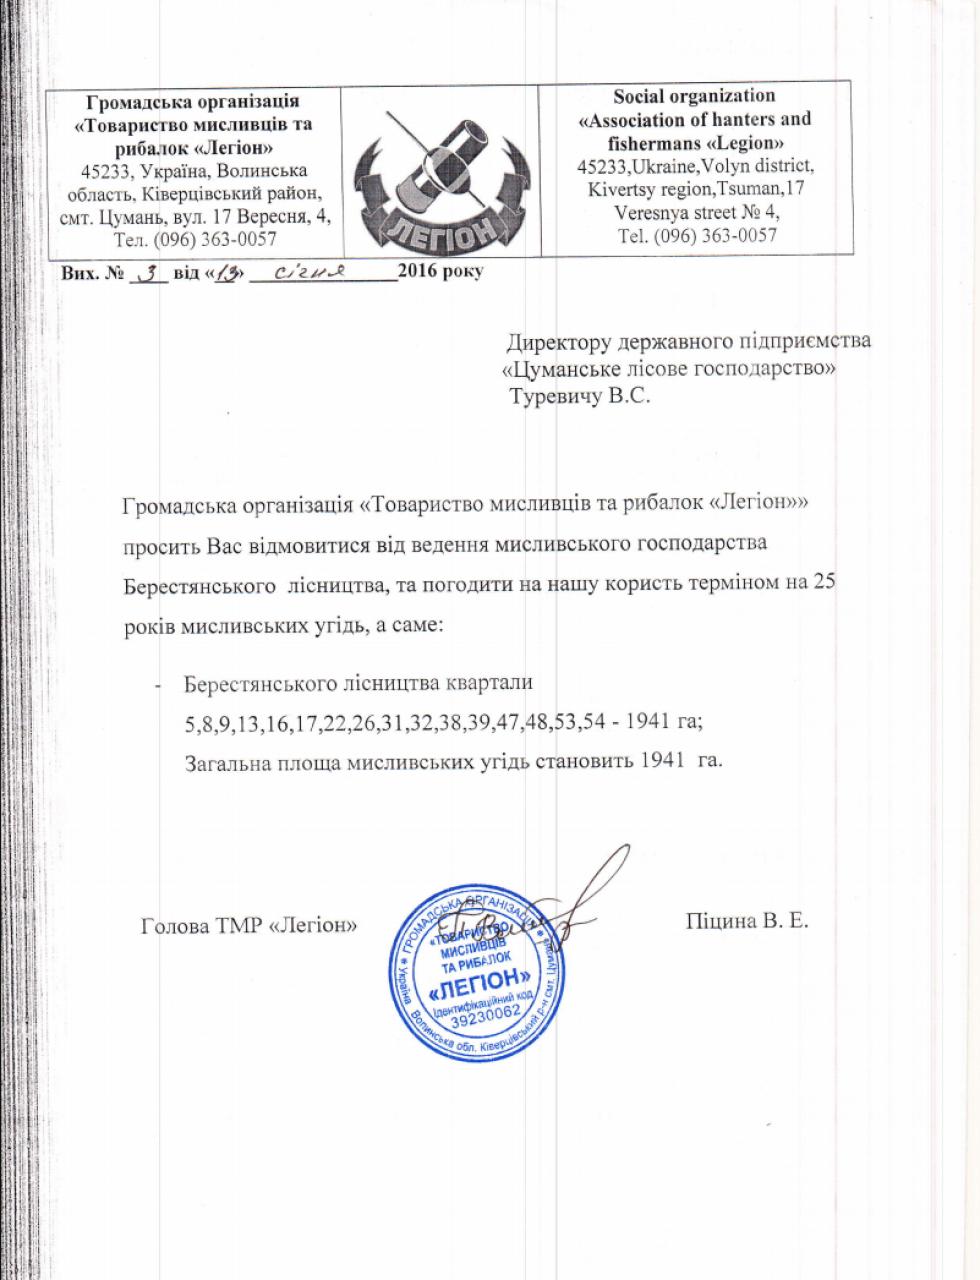 Звернення «Легіону» від 13 січня 2016 року